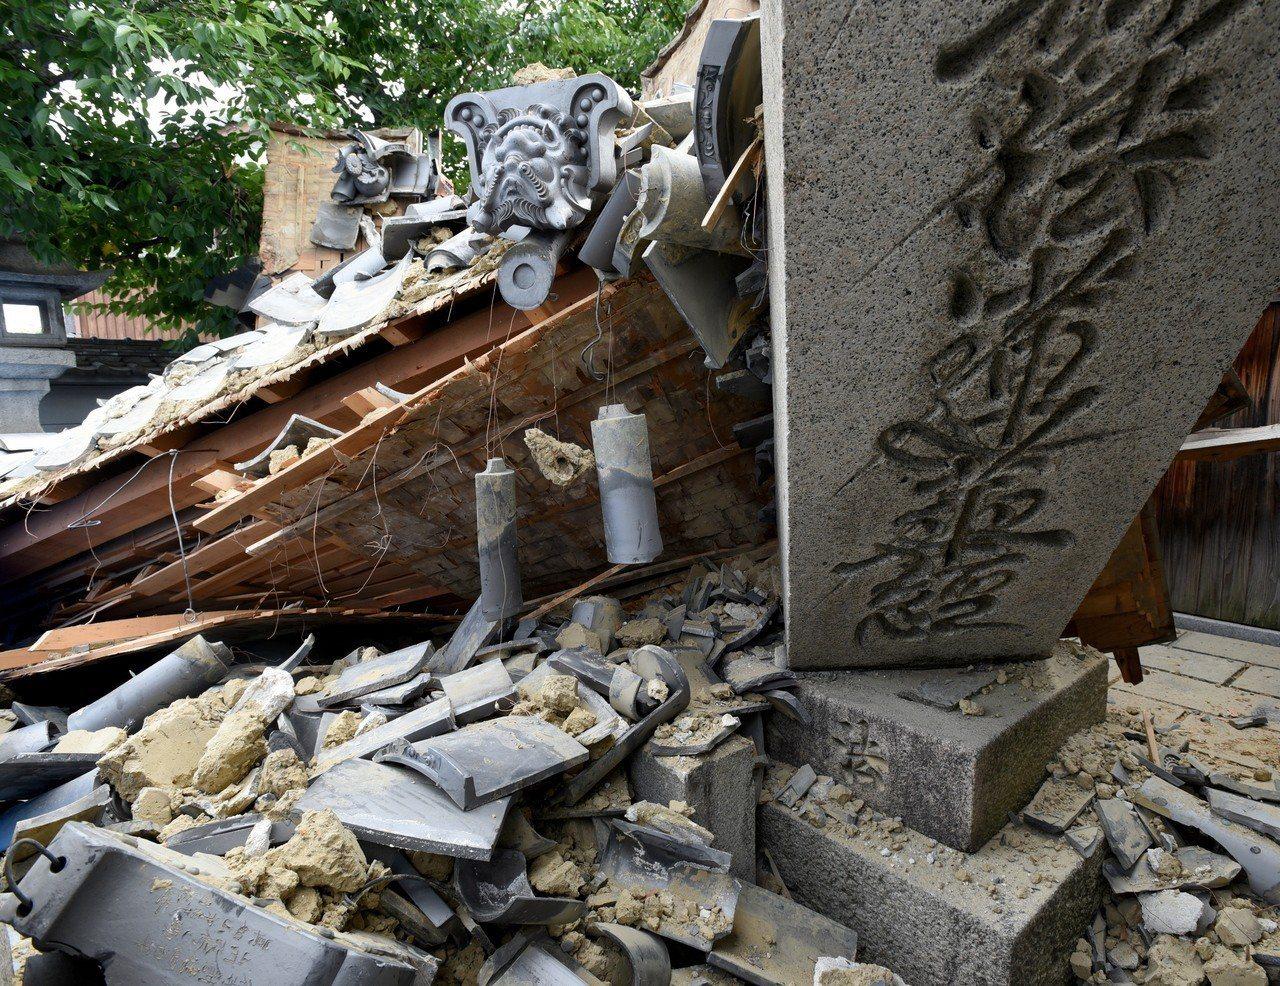 大阪府茨木市一座寺廟大門十八日因強震倒塌。 歐新社